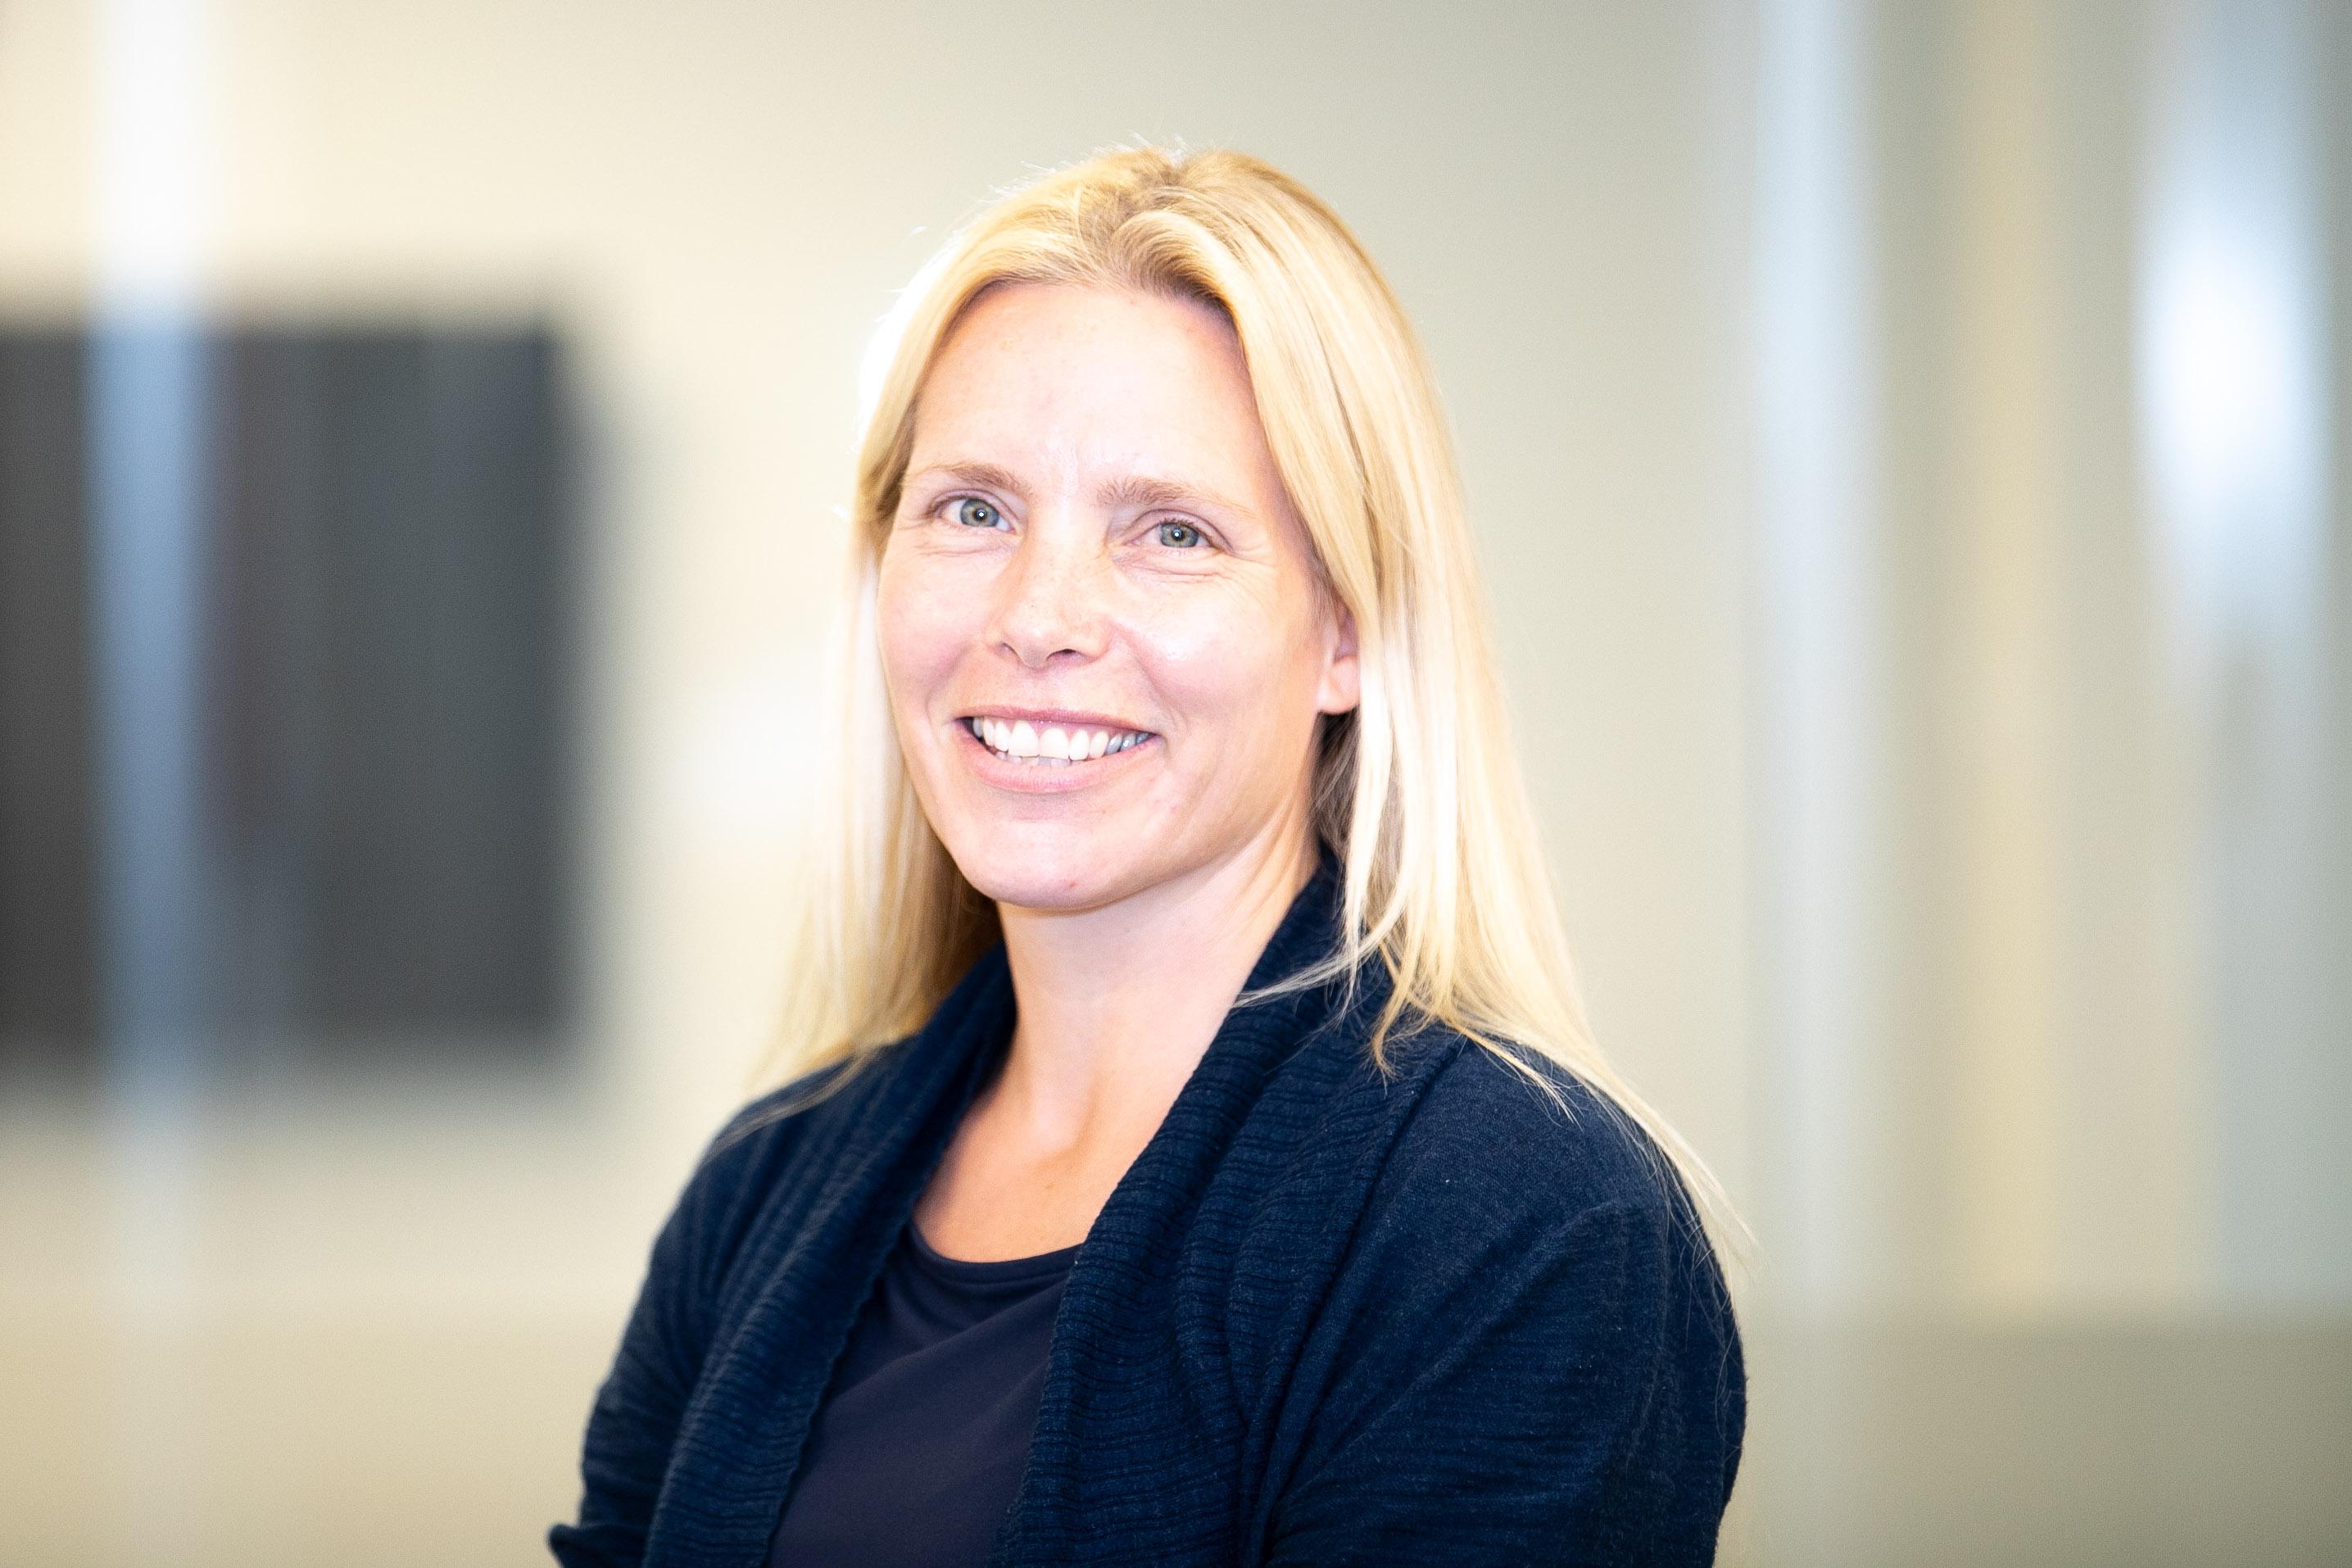 Dr. Kirsten Wentlandt